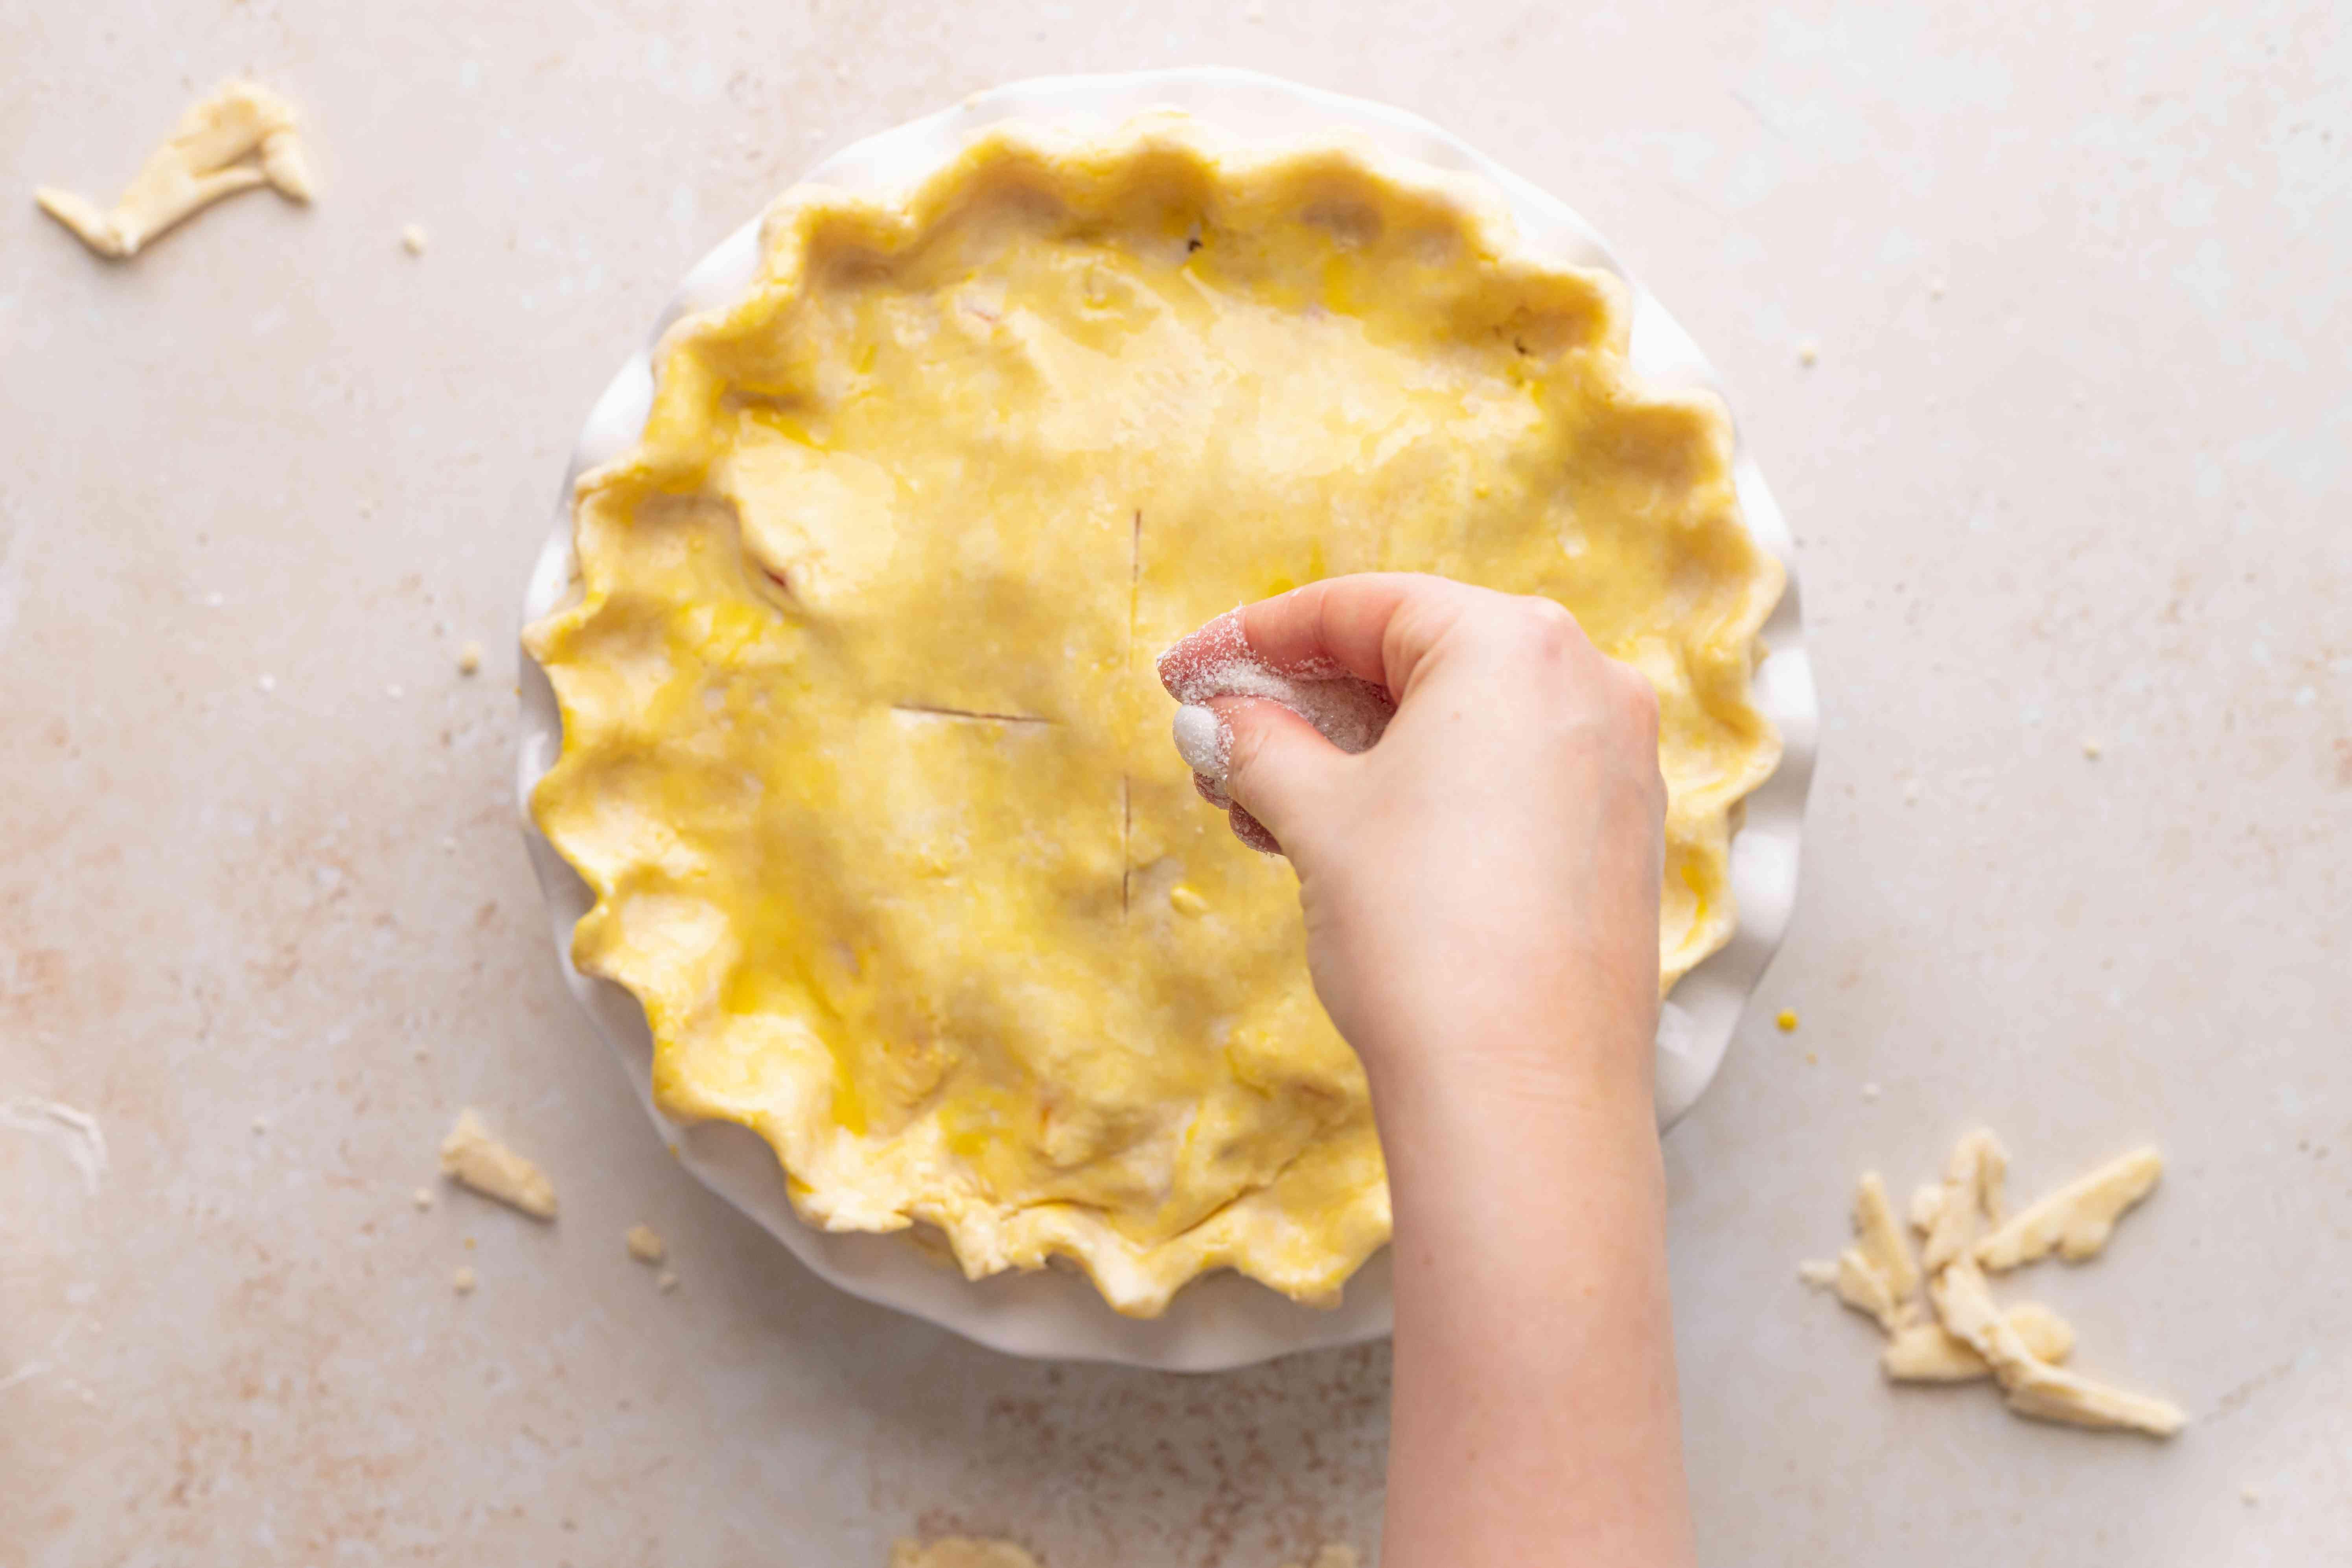 Sprinkling pie with Turbinado sugar before baking.